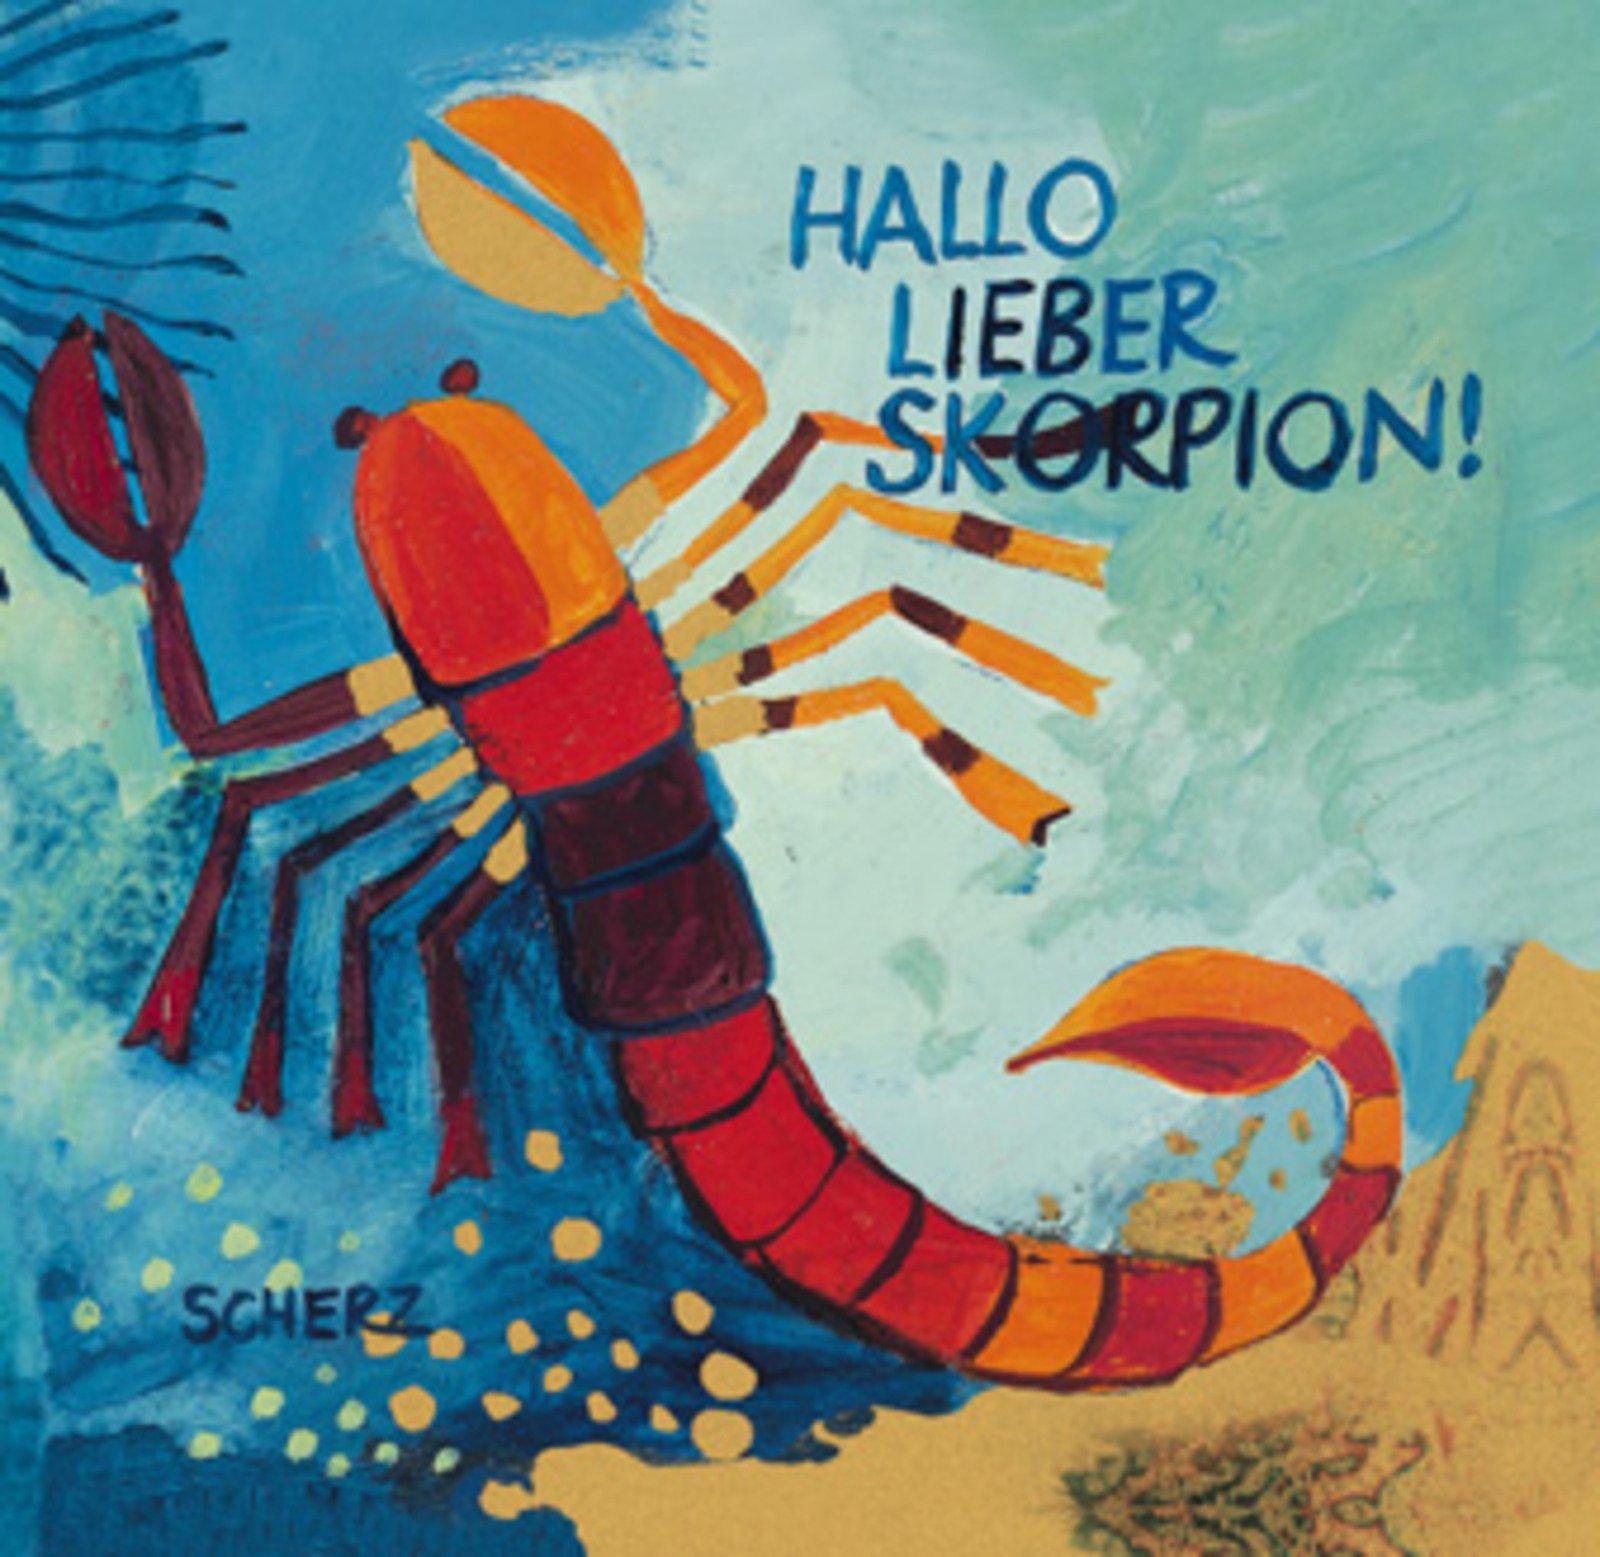 Hallo Lieber Skorpion!